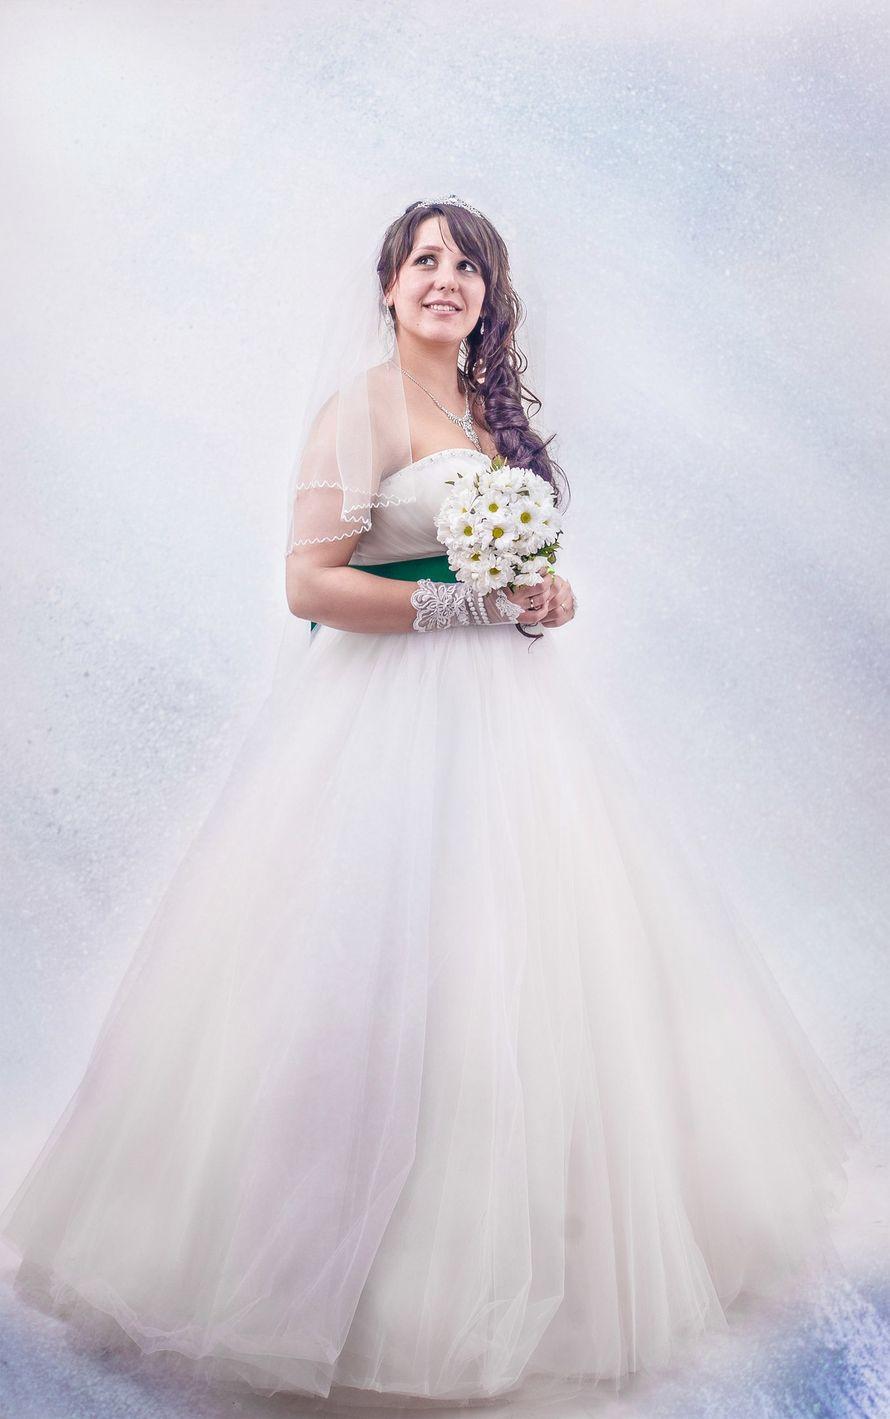 Свадебная сказка т. 286-34-90 т. 8 902 940 80 84 md. Ольга - фото 16541900 Фотограф Андрей Белый